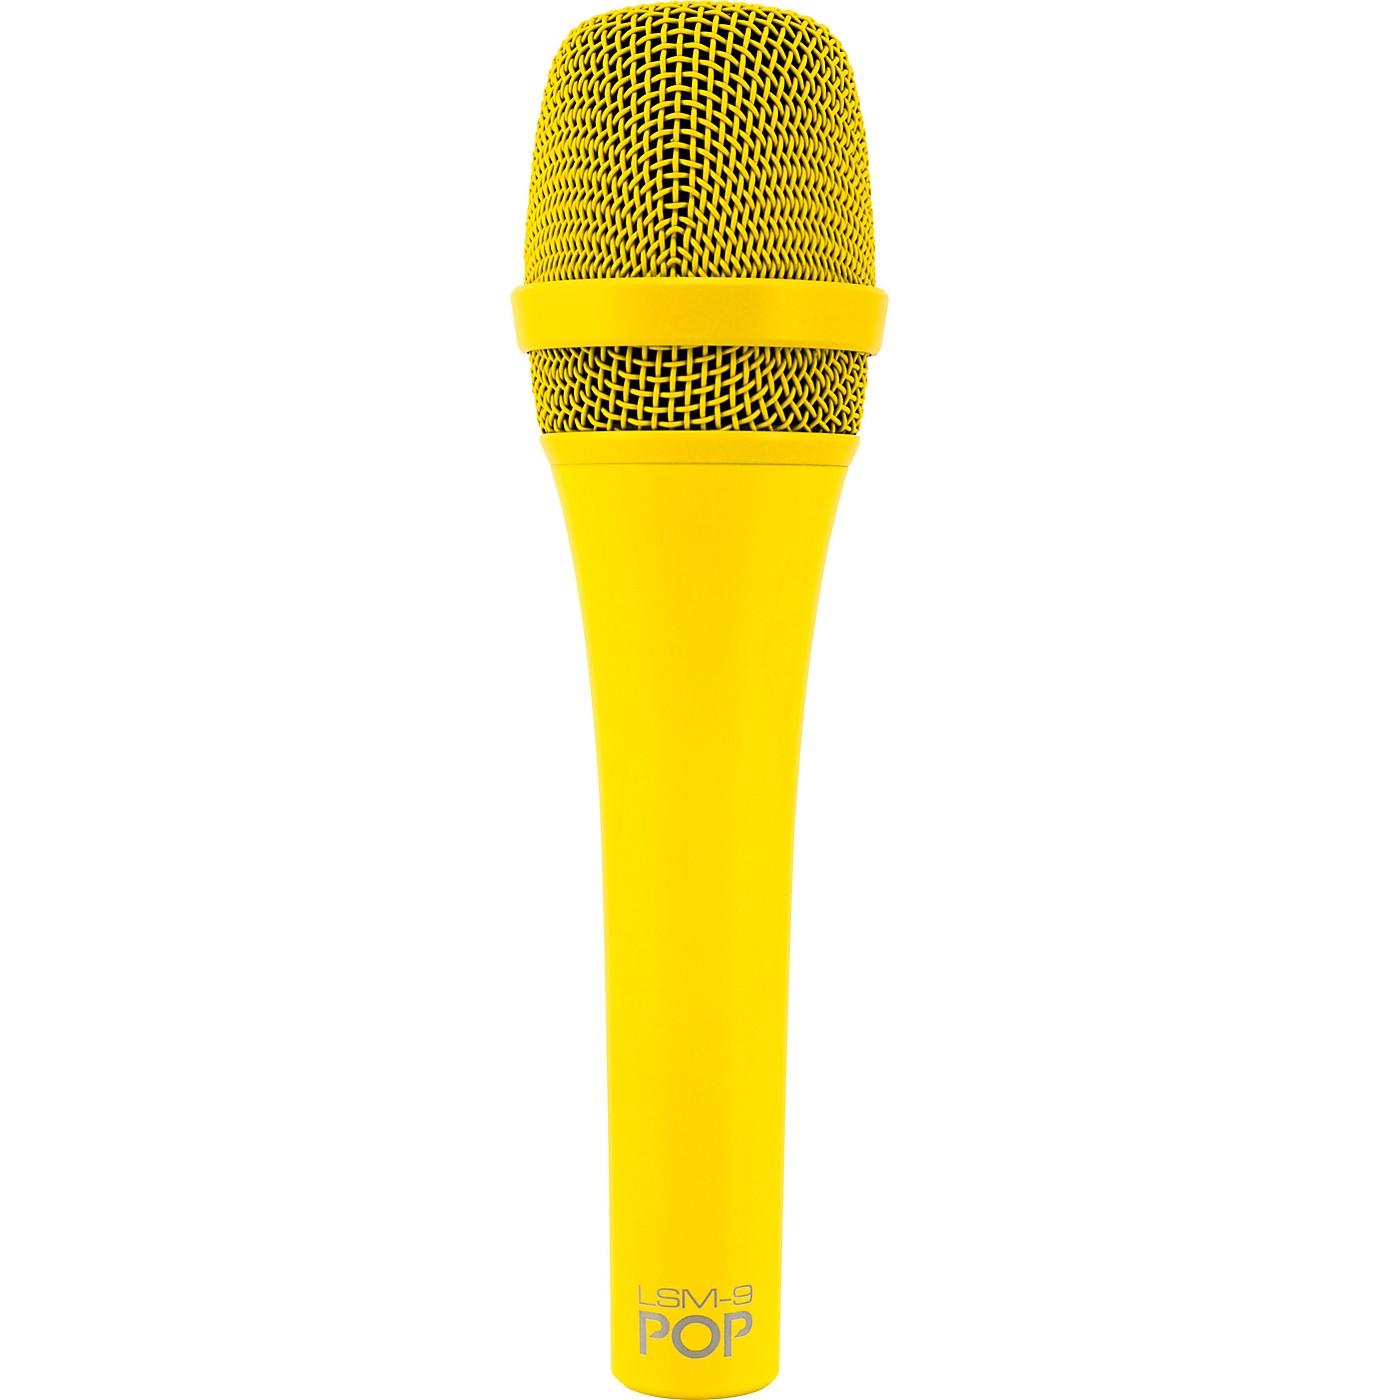 MXL POP LSM-9 Dynamic Microphone thumbnail